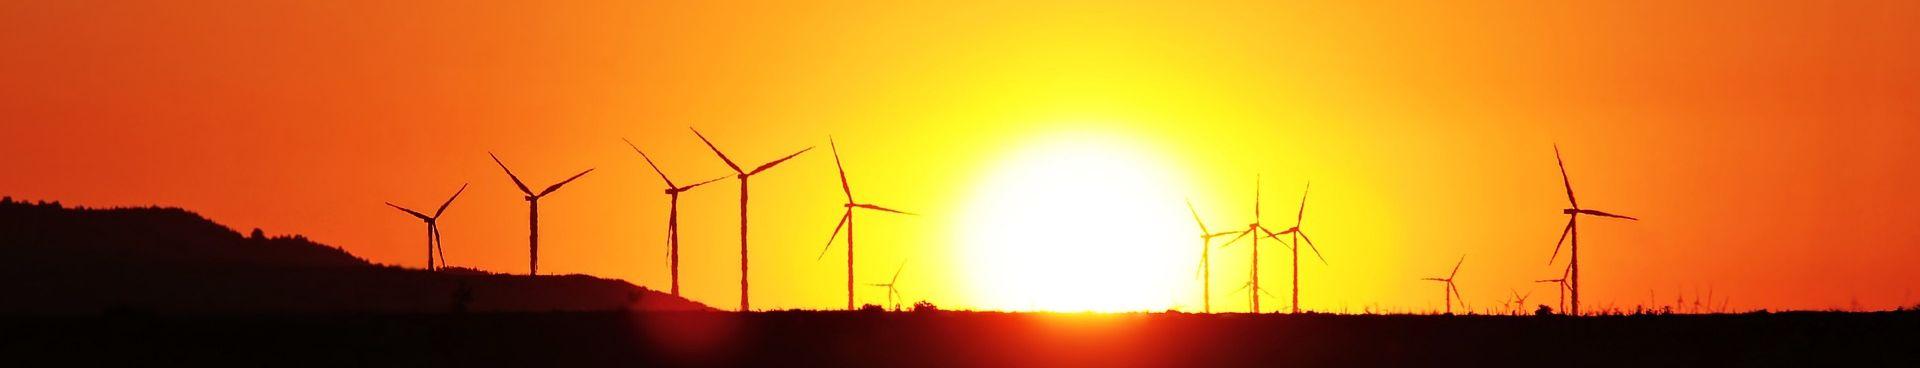 AleaSoft - Energia eolica parque